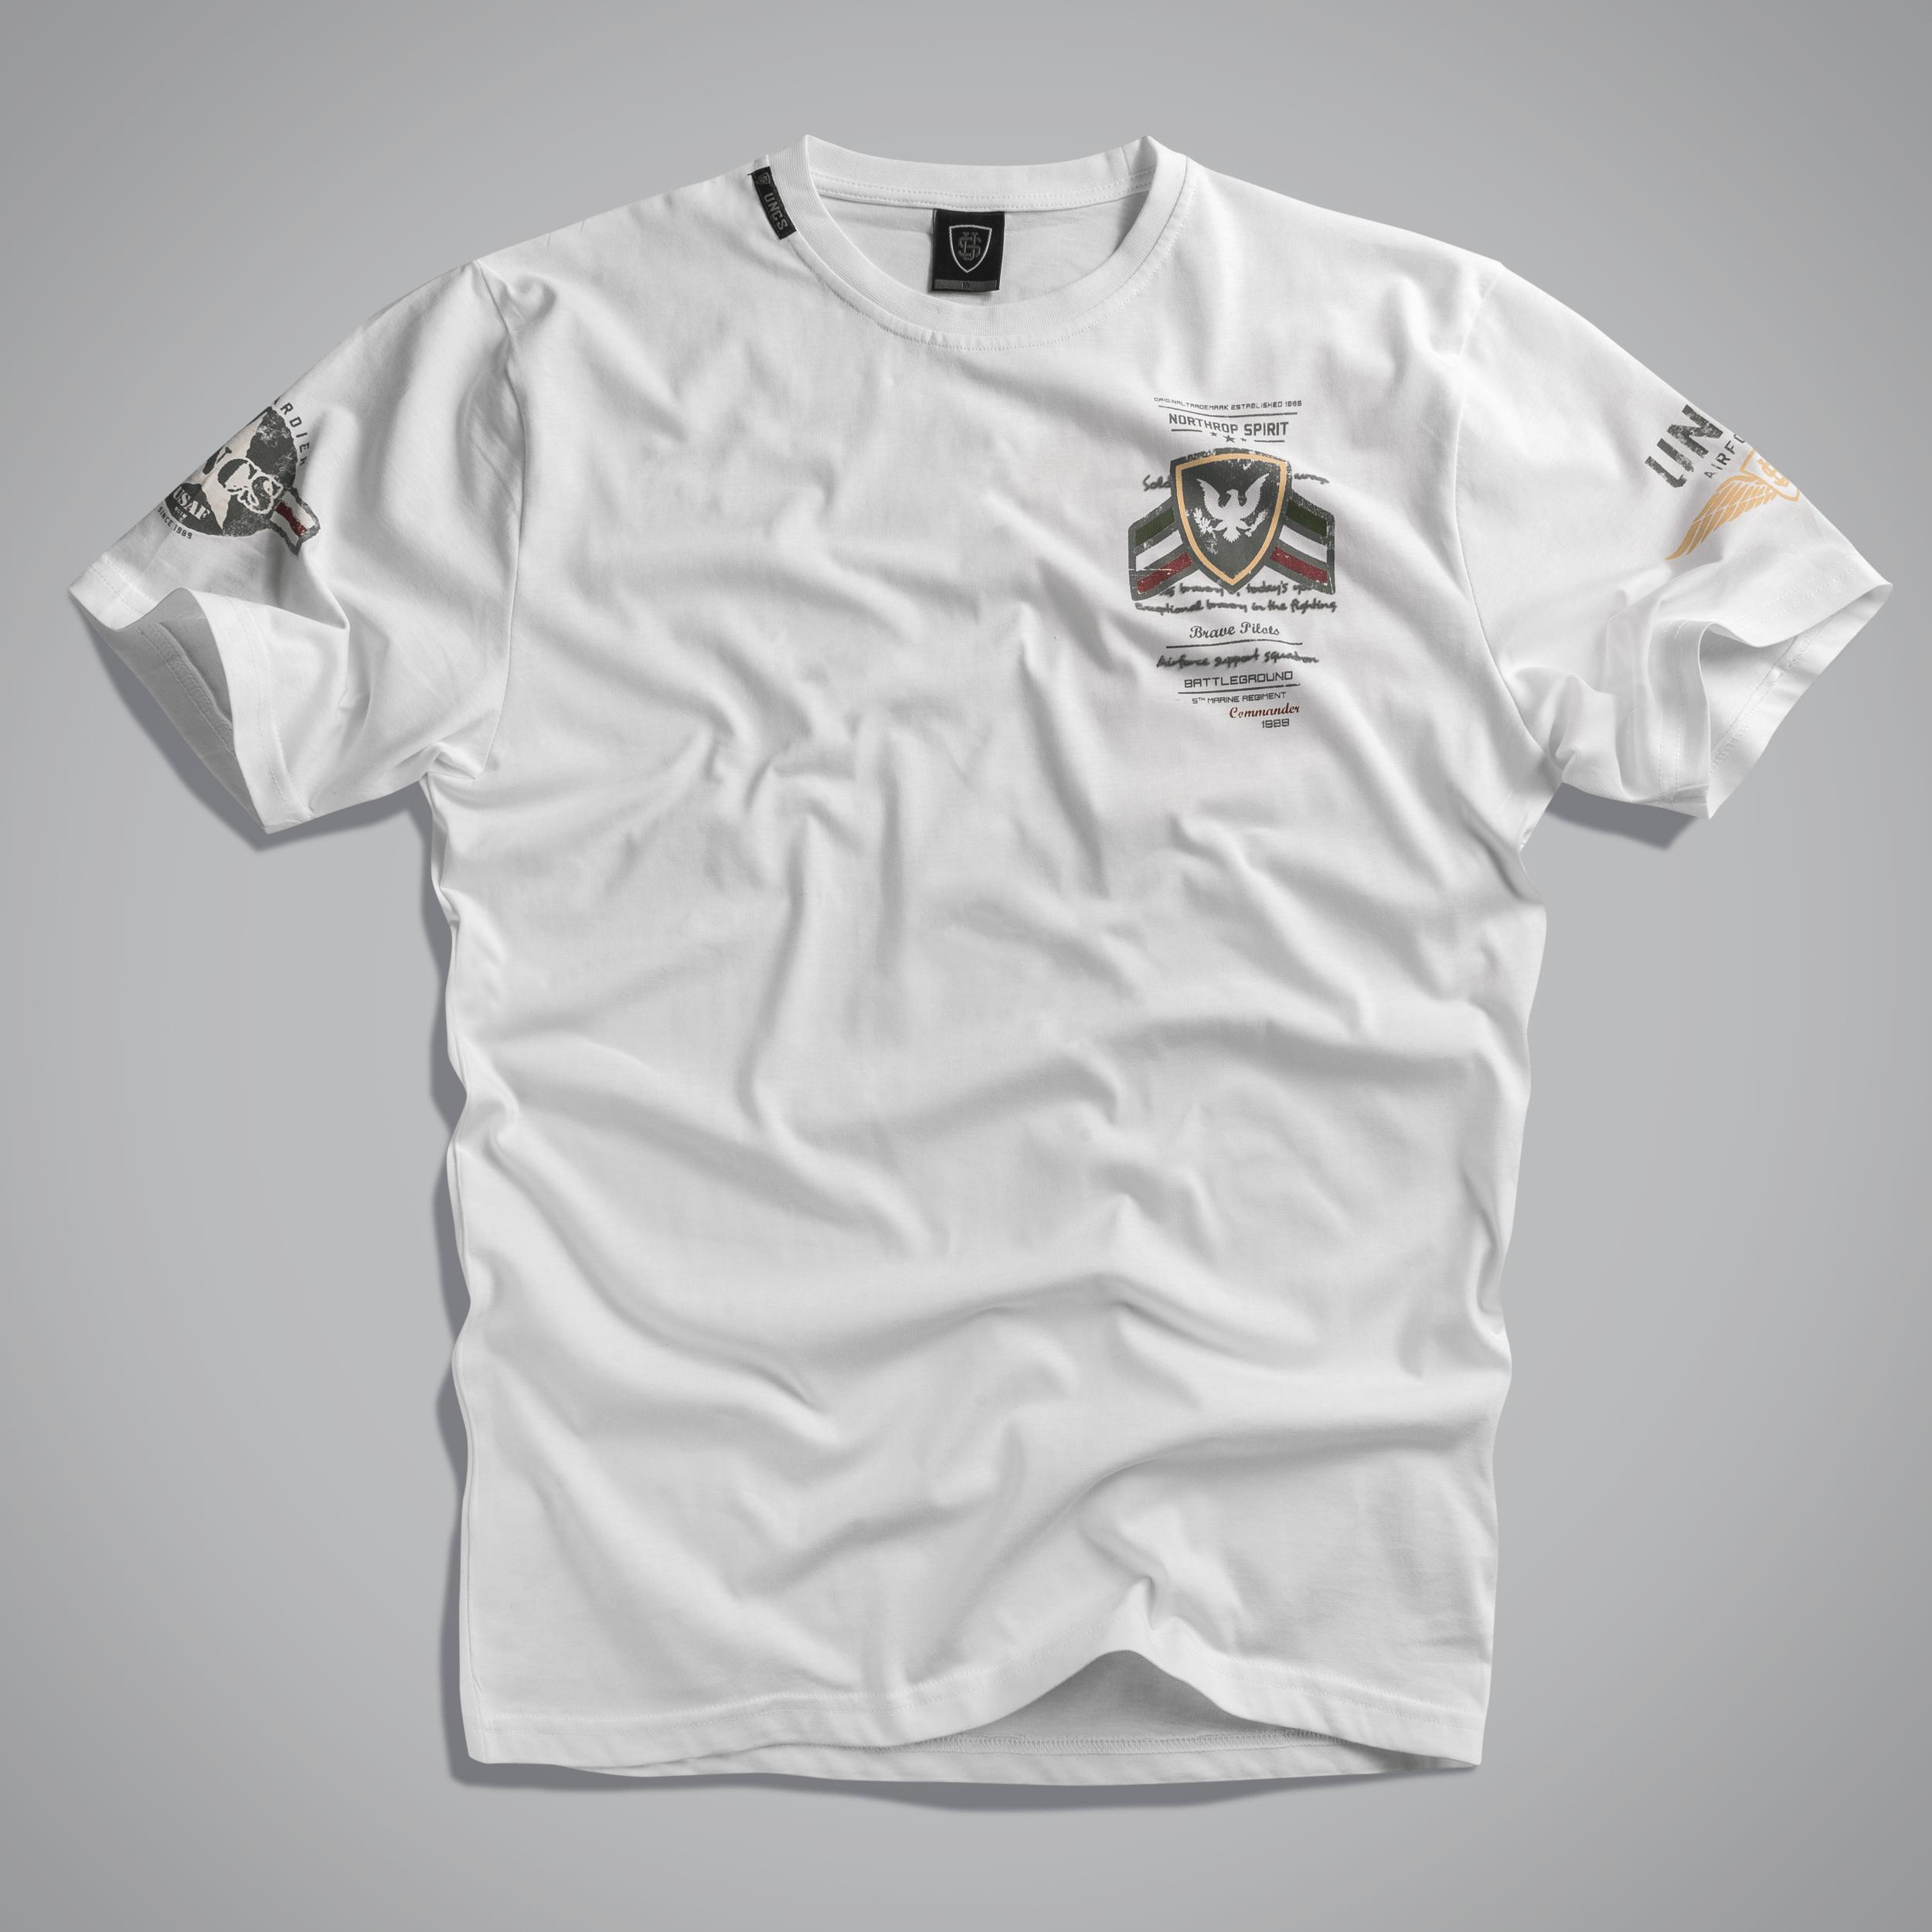 Pánské triko Airforce II - Outlet - doprodej pánského oblečení 88b2ba06f5